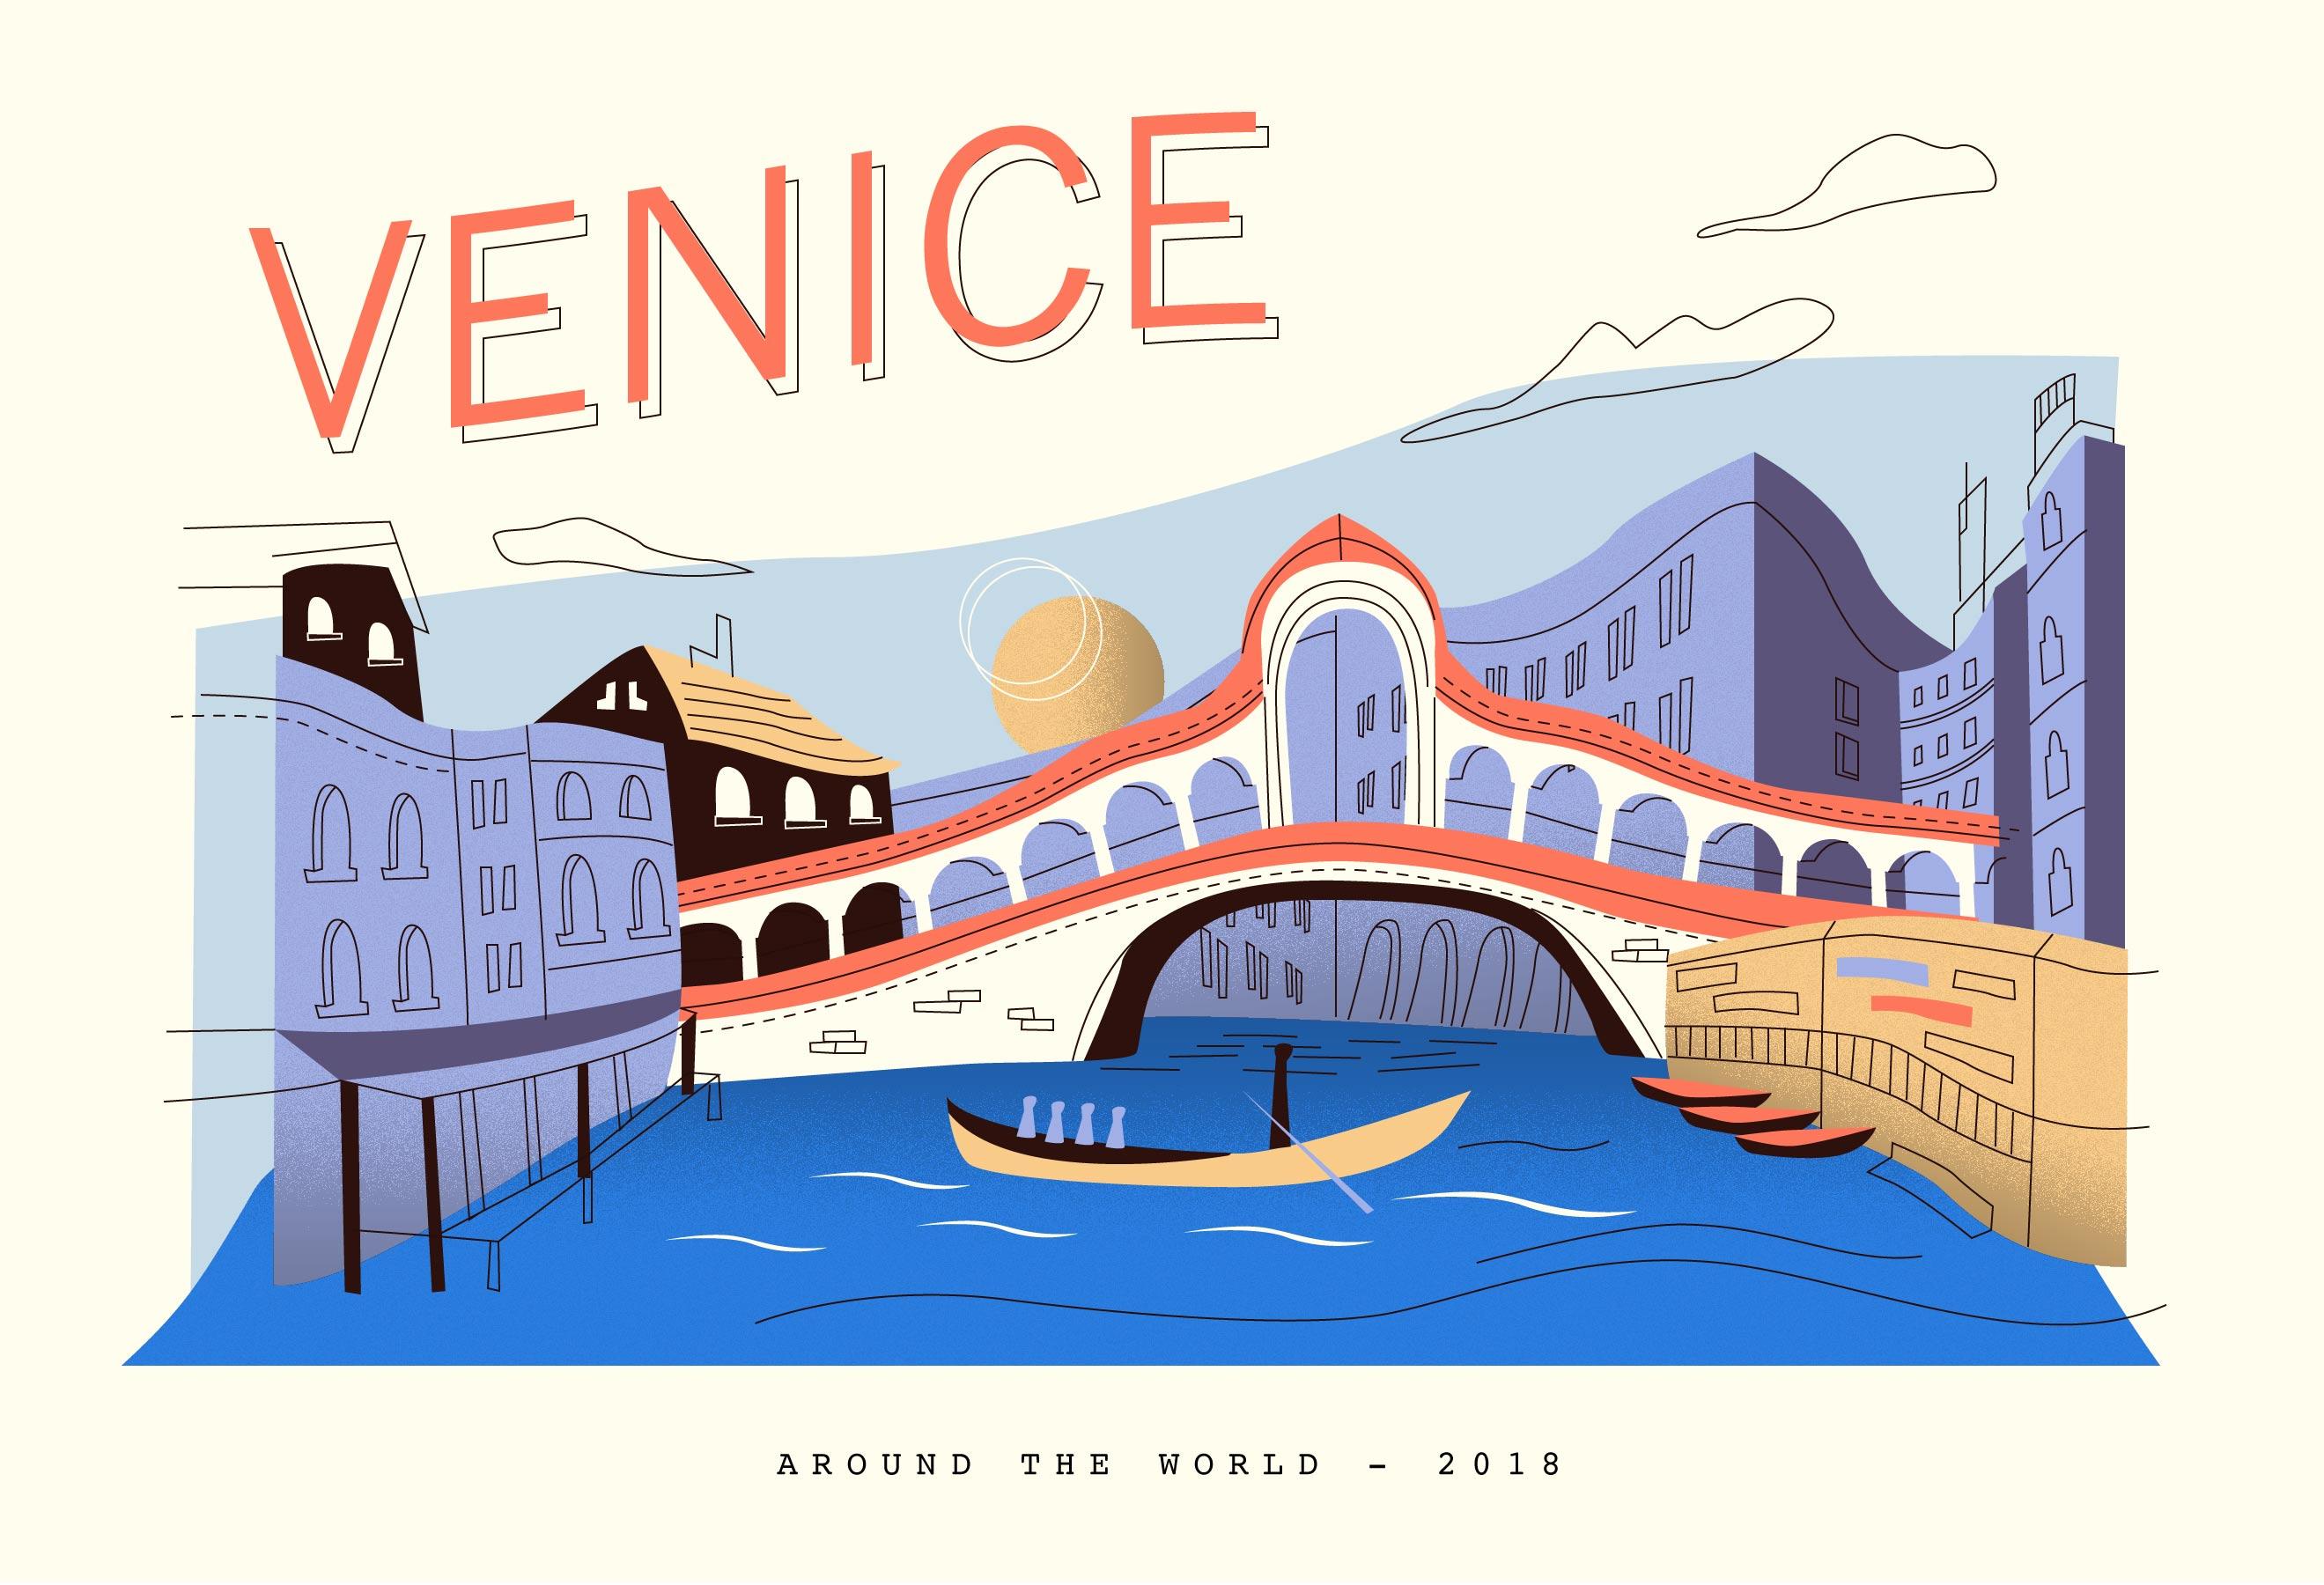 Carte Postale Venise Paysage Vector Illustration Plate Telecharger Vectoriel Gratuit Clipart Graphique Vecteur Dessins Et Pictogramme Gratuit